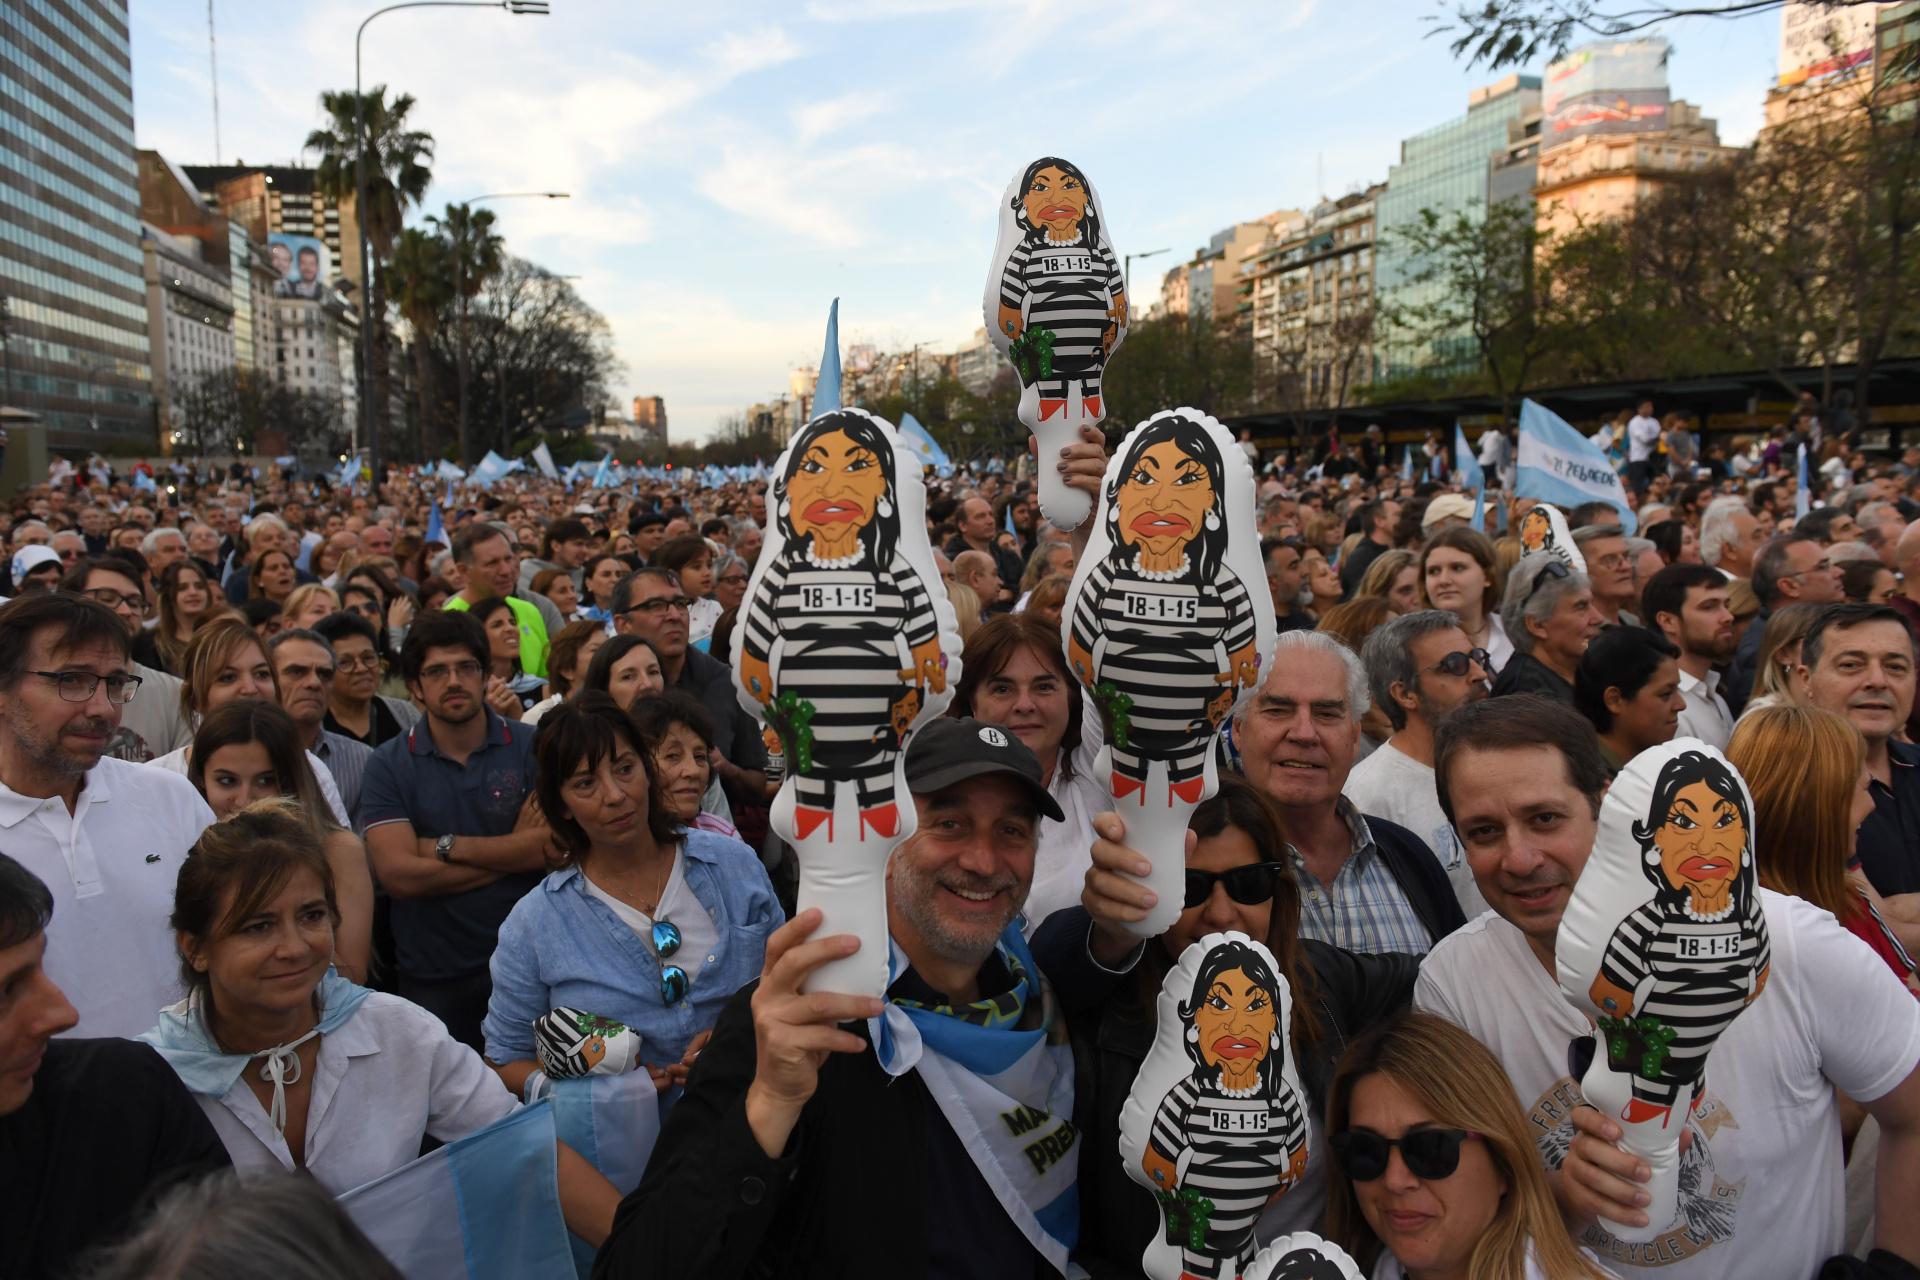 Merchandising del acto: muñecos que caricaturizan a Cristina Kirchner presa